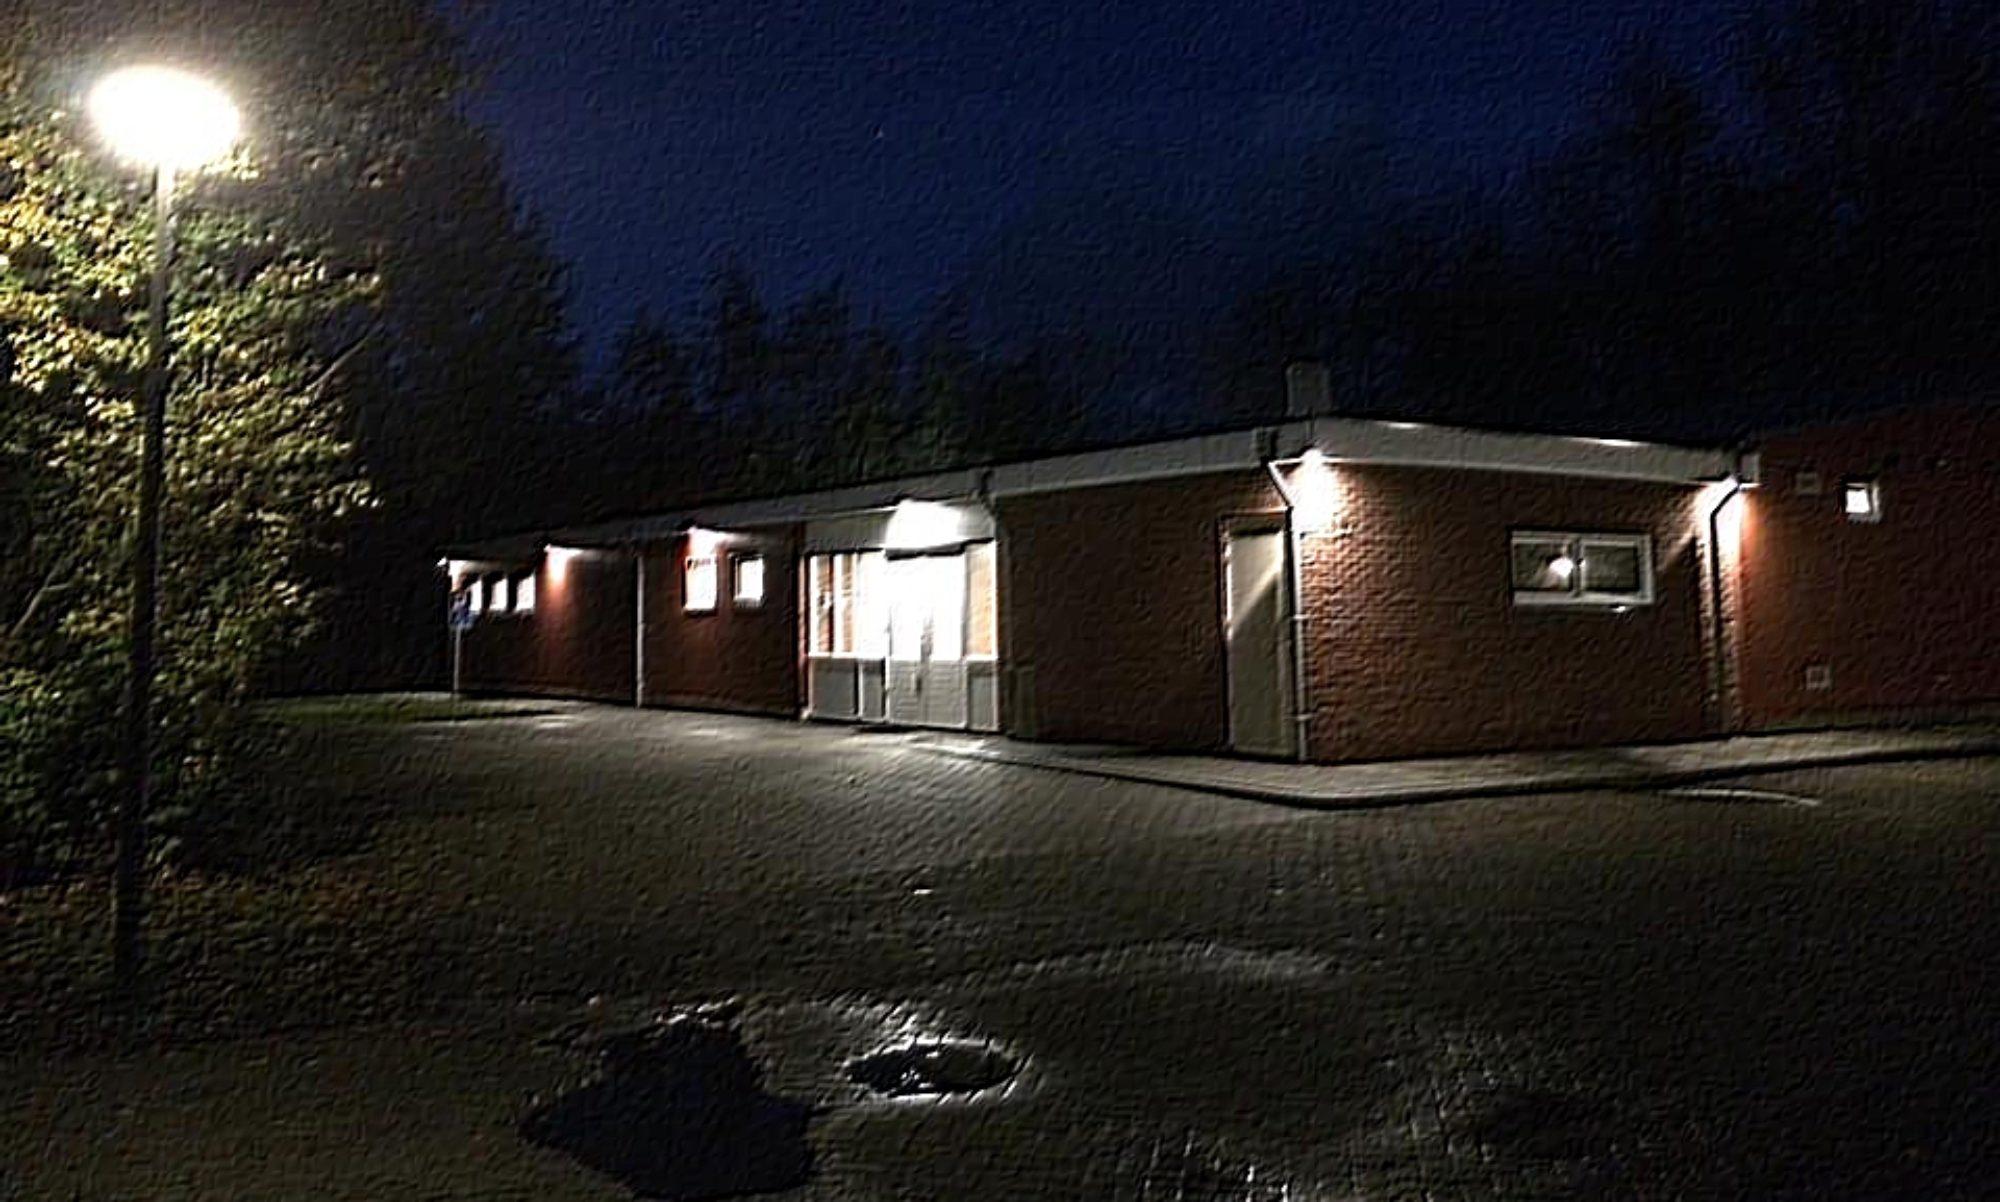 Stichting Cultureel Centrum het Kronkelhoes